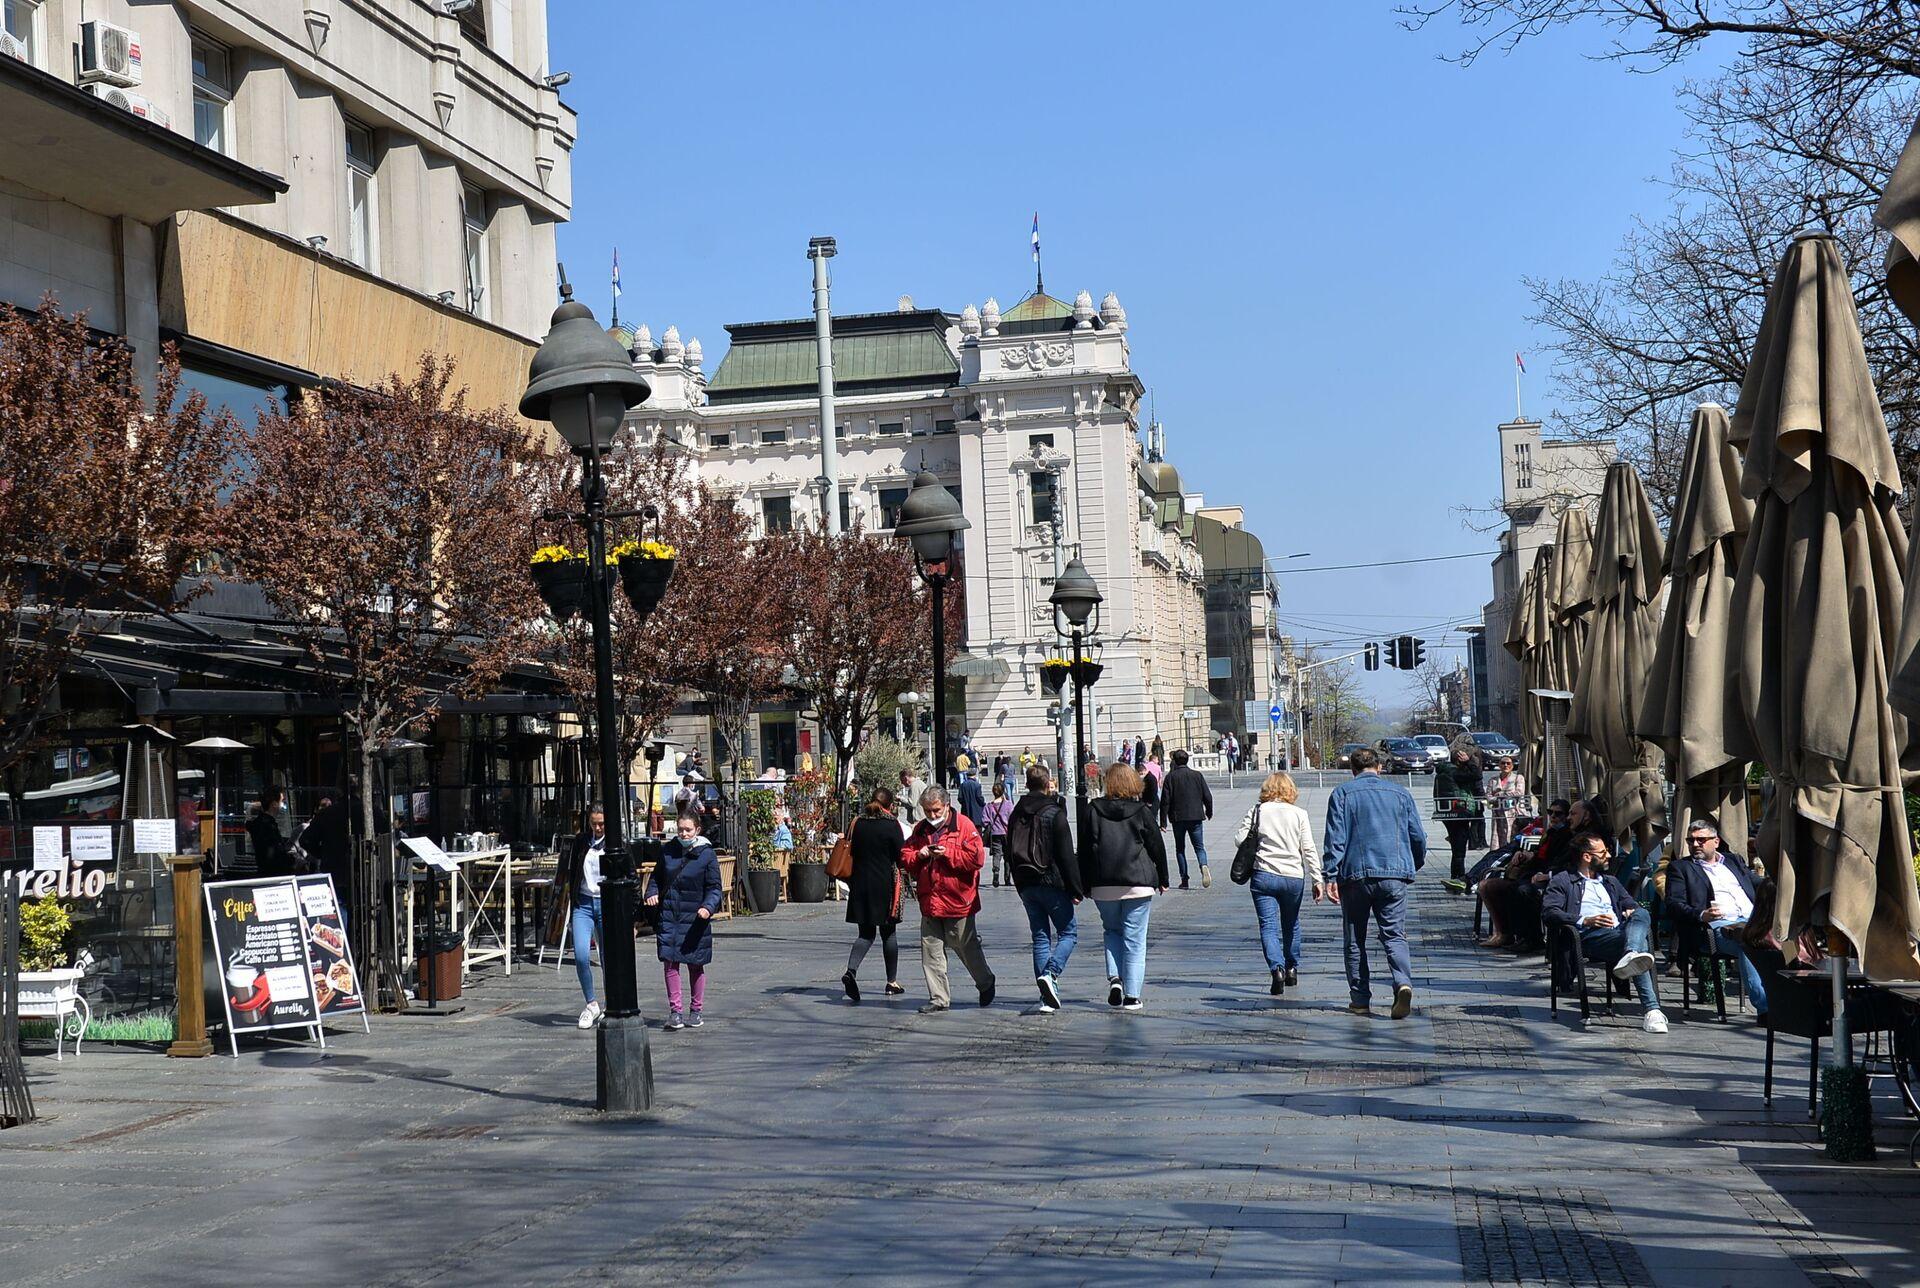 Потпаљена нова ватра у Црној Гори: Грађанима држављанство - фантоми остају без гласа - Sputnik Србија, 1920, 09.04.2021